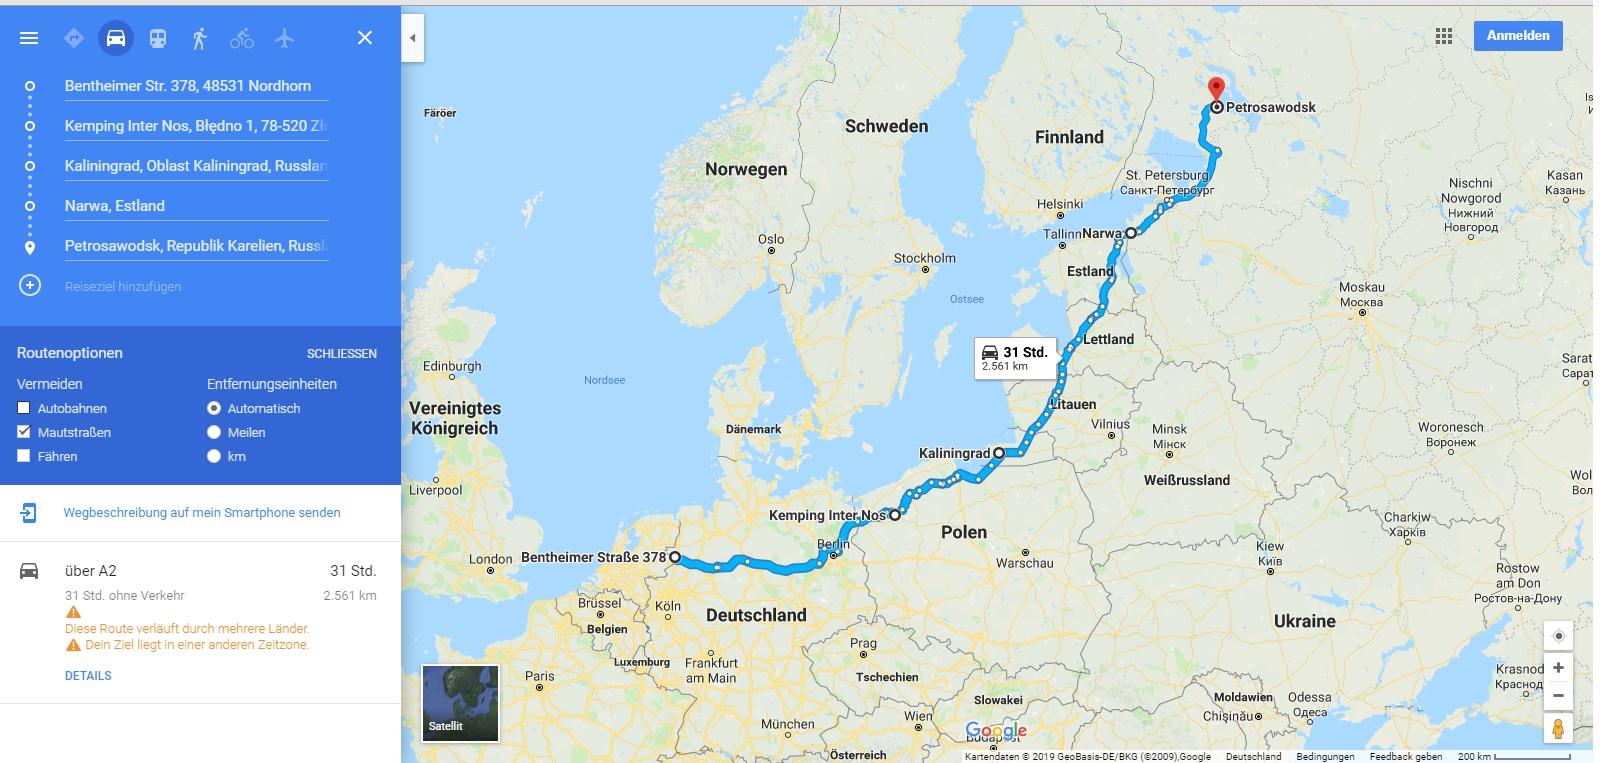 Anreise über Polen, Baltikum und Kaliningrad nach Russland